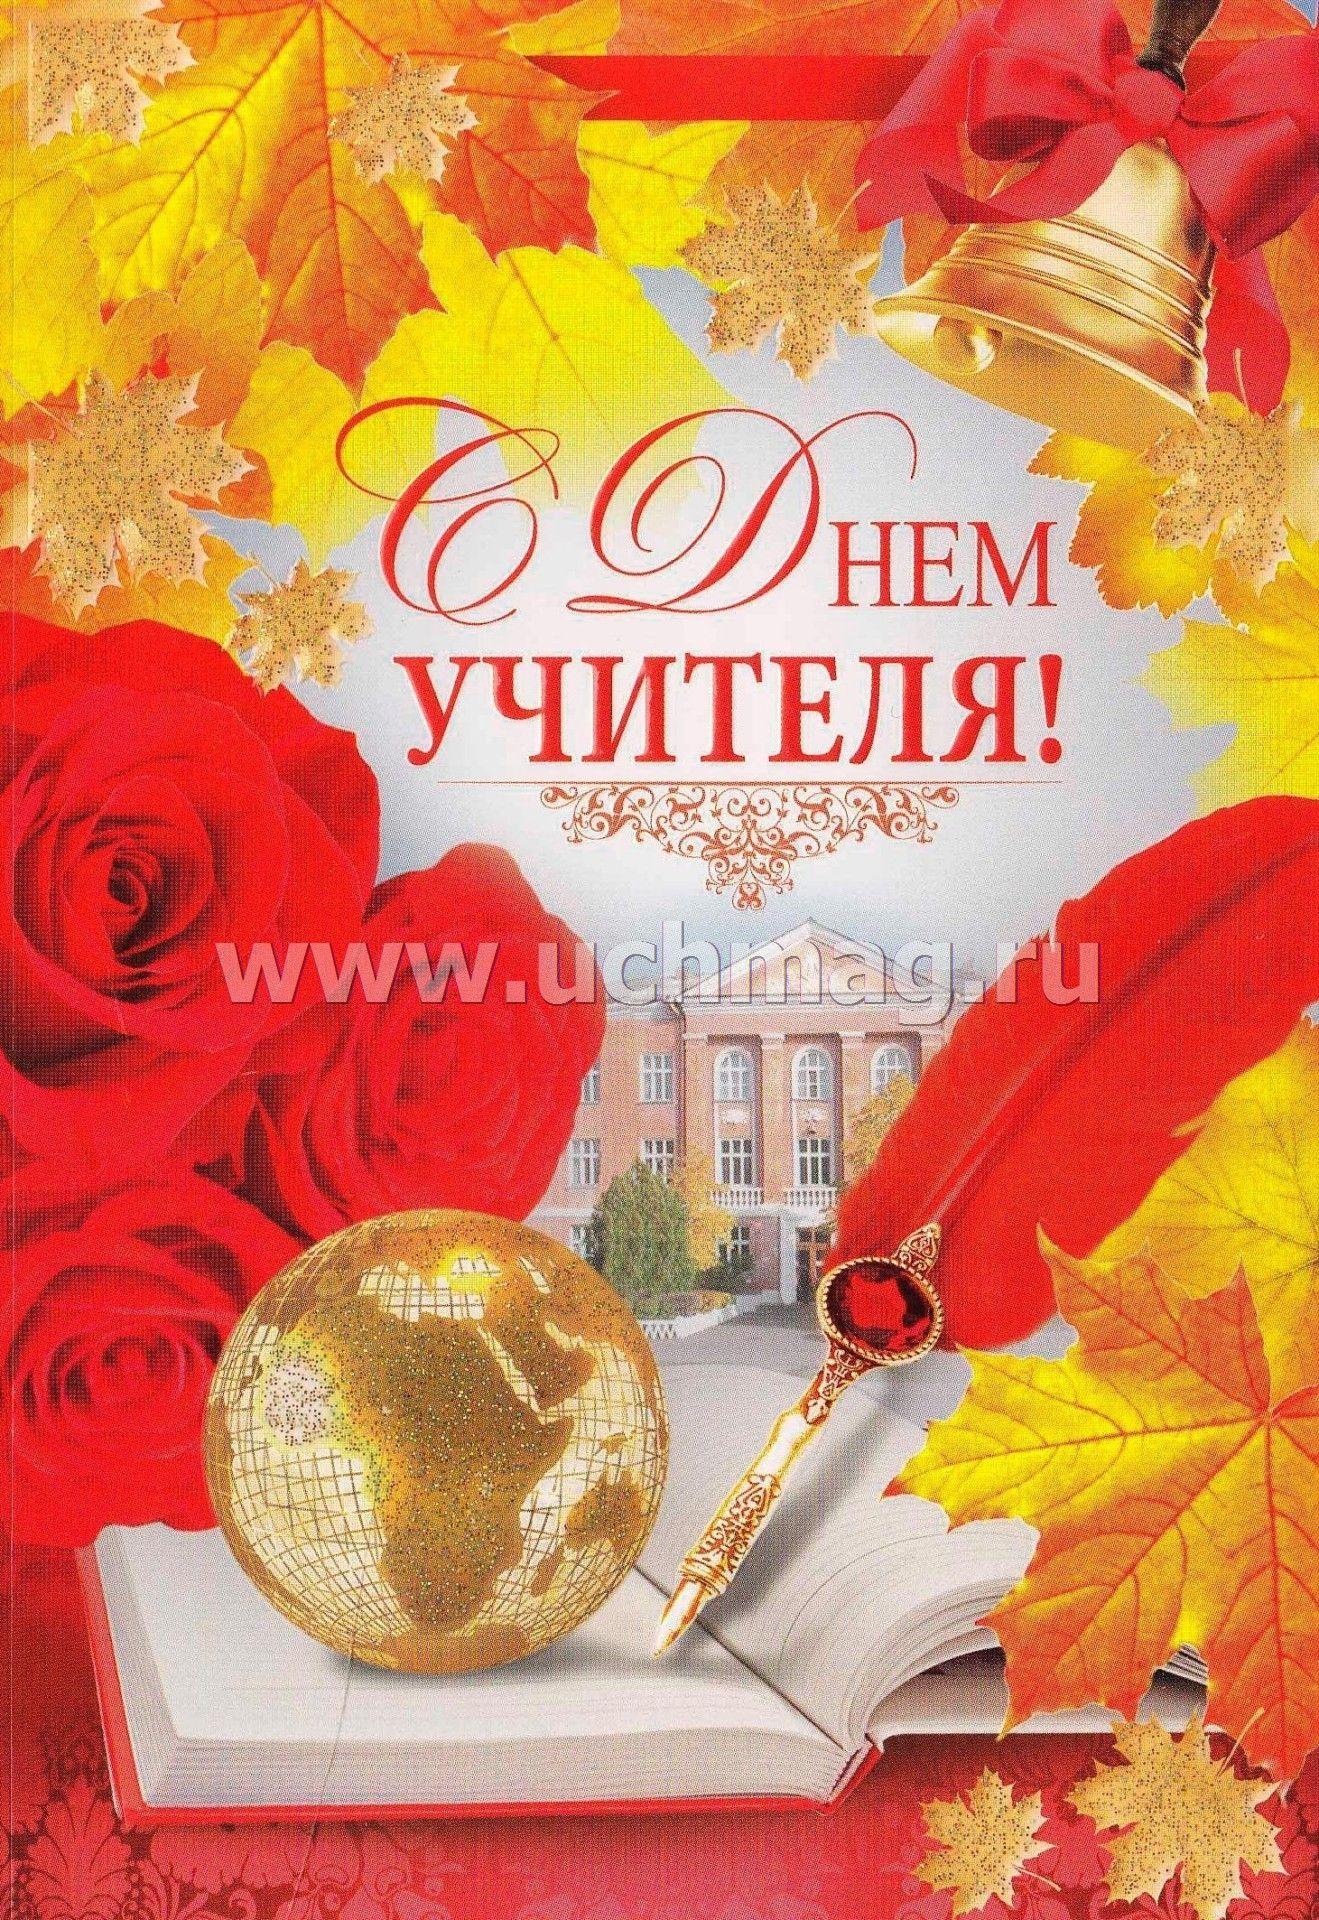 Поздравления мастеру на день учителя